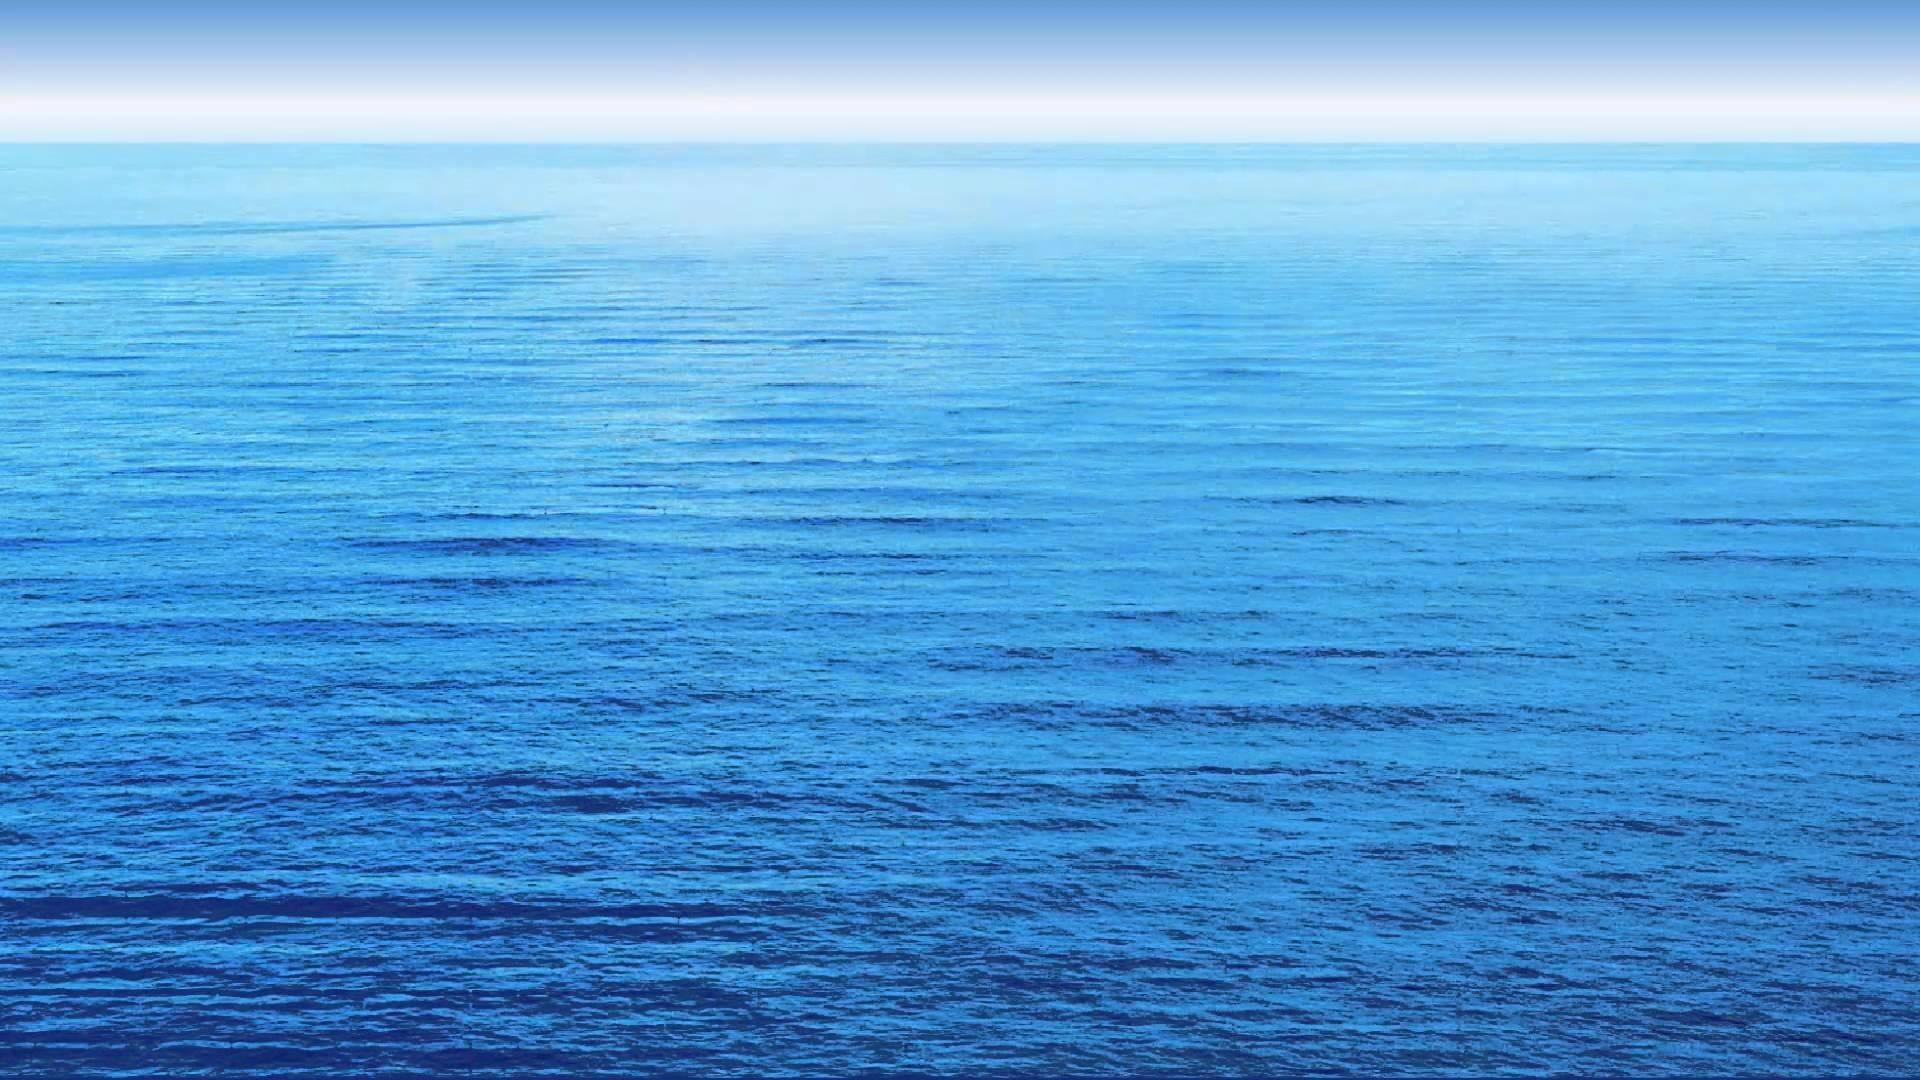 ocean background video loop! - youtube